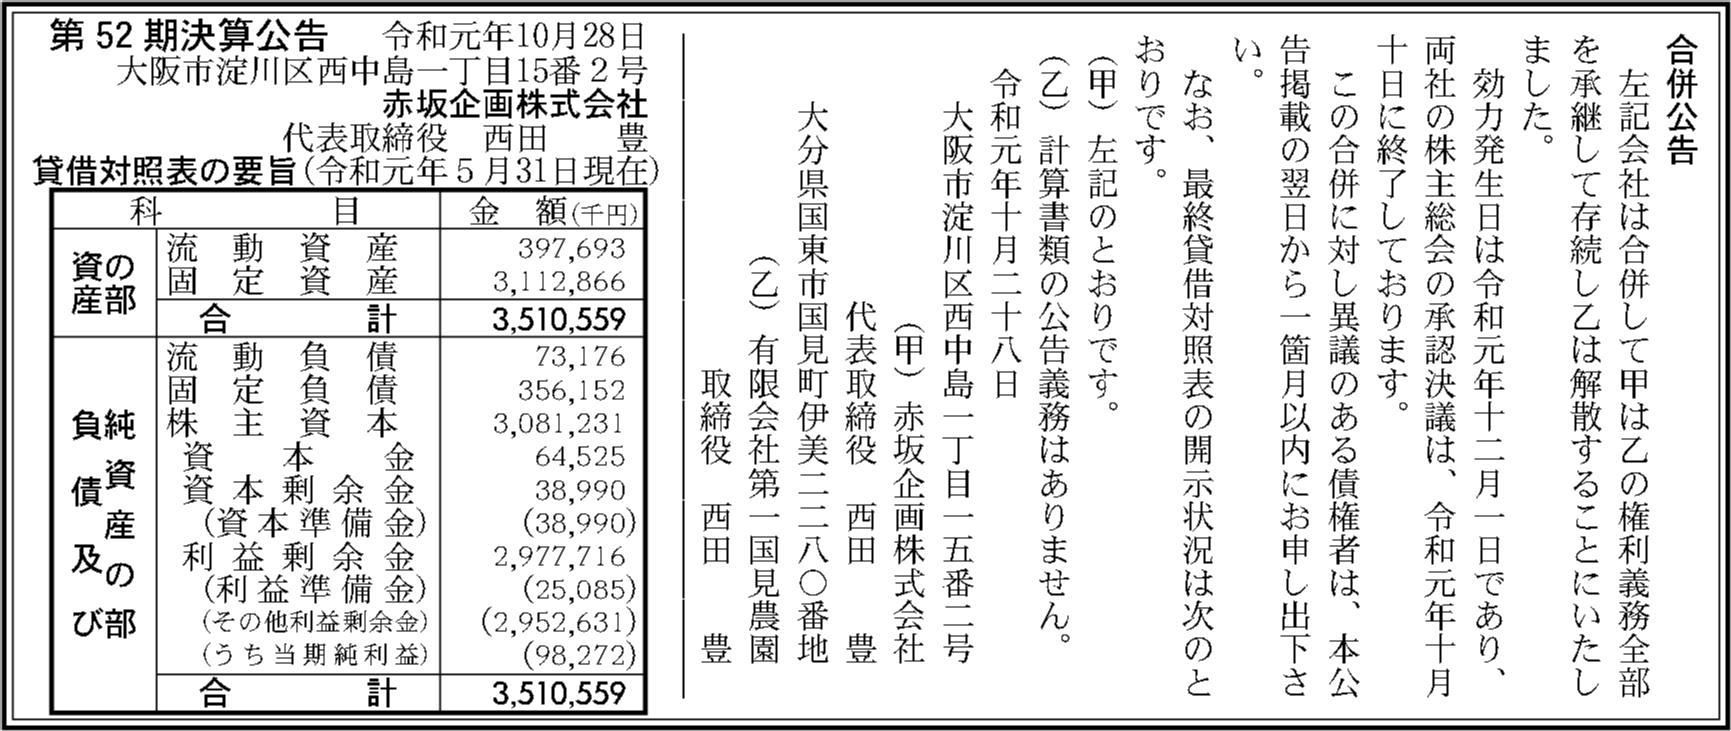 0122 a2bd369a7060dacf2d76a4357c5276550446e9aa5ad2ef98fb88871c9600f3871ea9f1078d834518668672a86d1504999c74fa3dec00de0a4b59d82985c0d38b 01